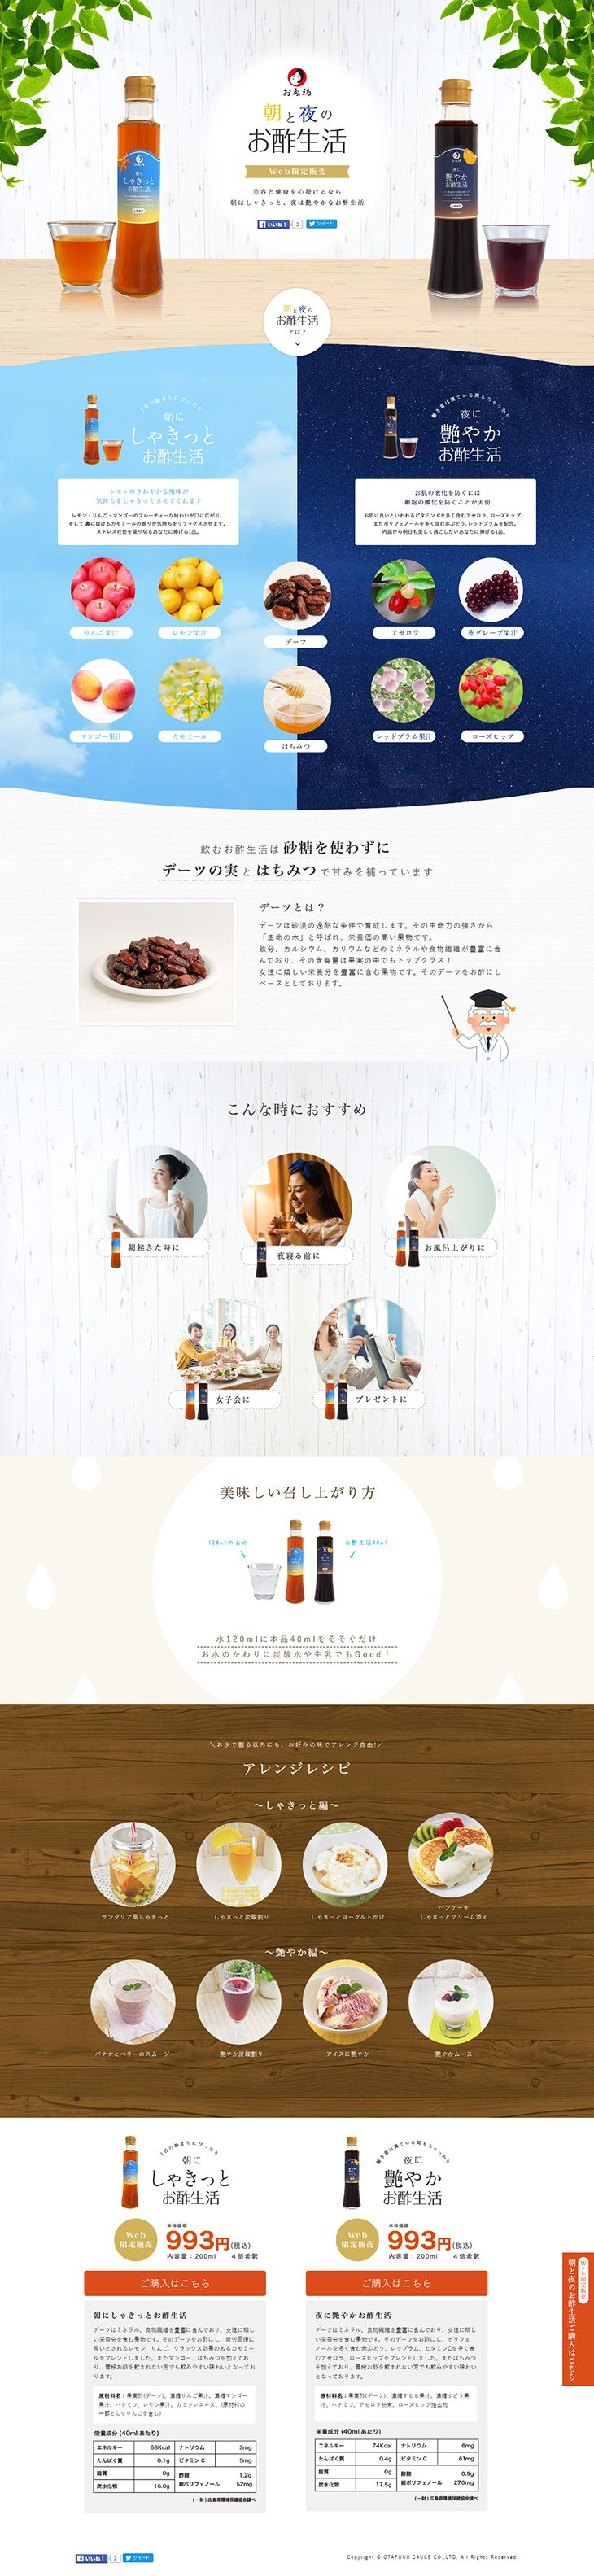 朝と夜のお酢生活【健康・美容食品関連】のLPデザイン。WEBデザイナーさん必見!ランディングページのデザイン参考に(シンプル系)